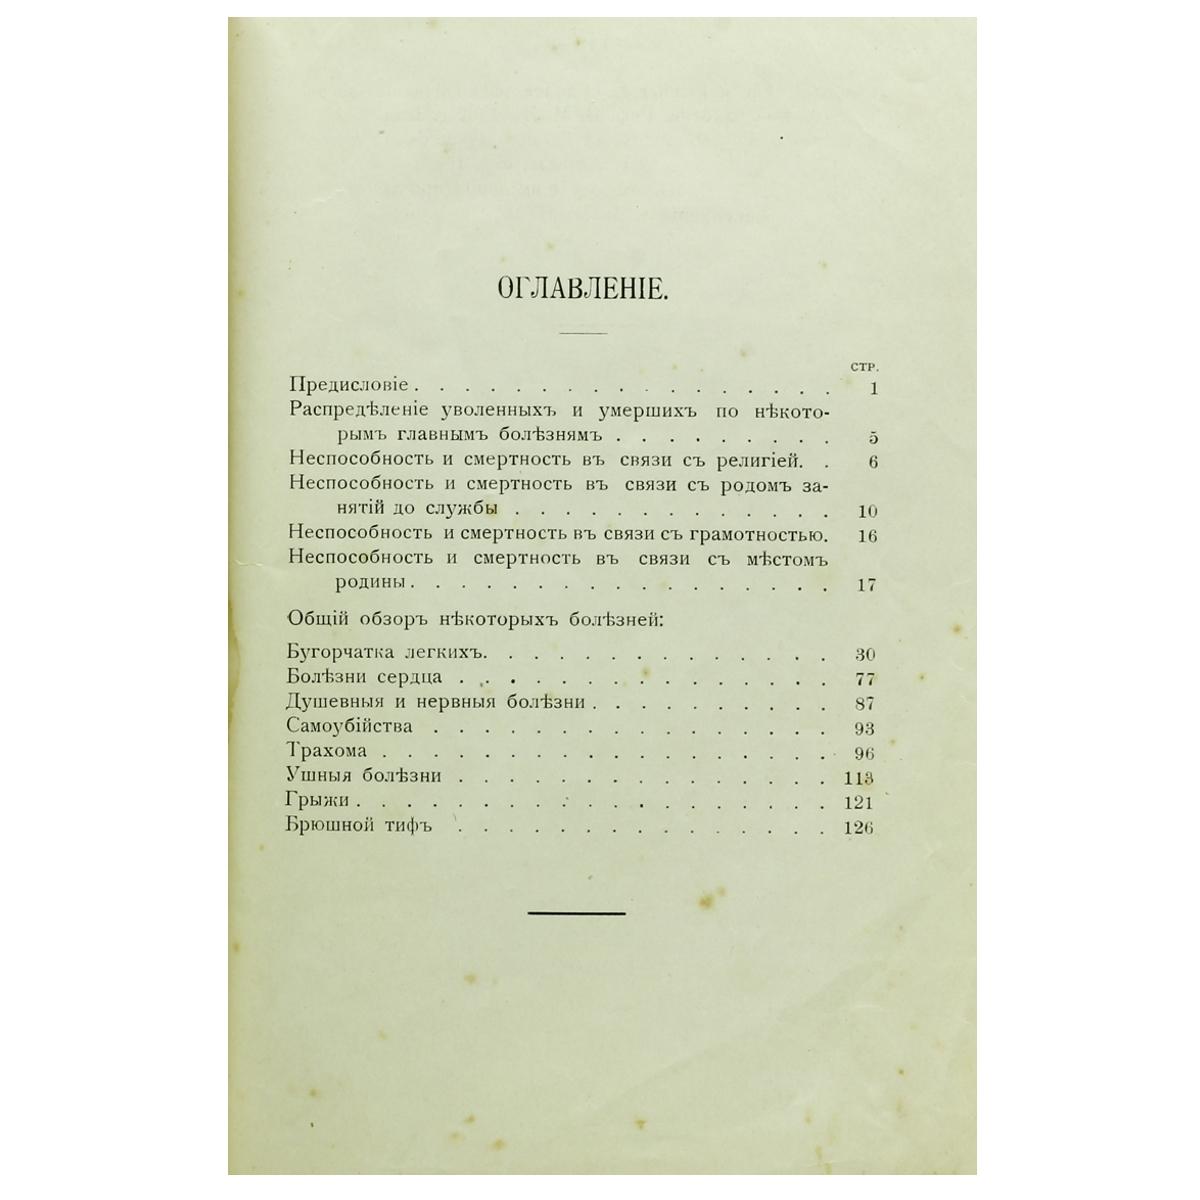 Неспособность к службе и смертность нижних чинов армии призыва 1905 г. Диссертация на степень доктора медицины